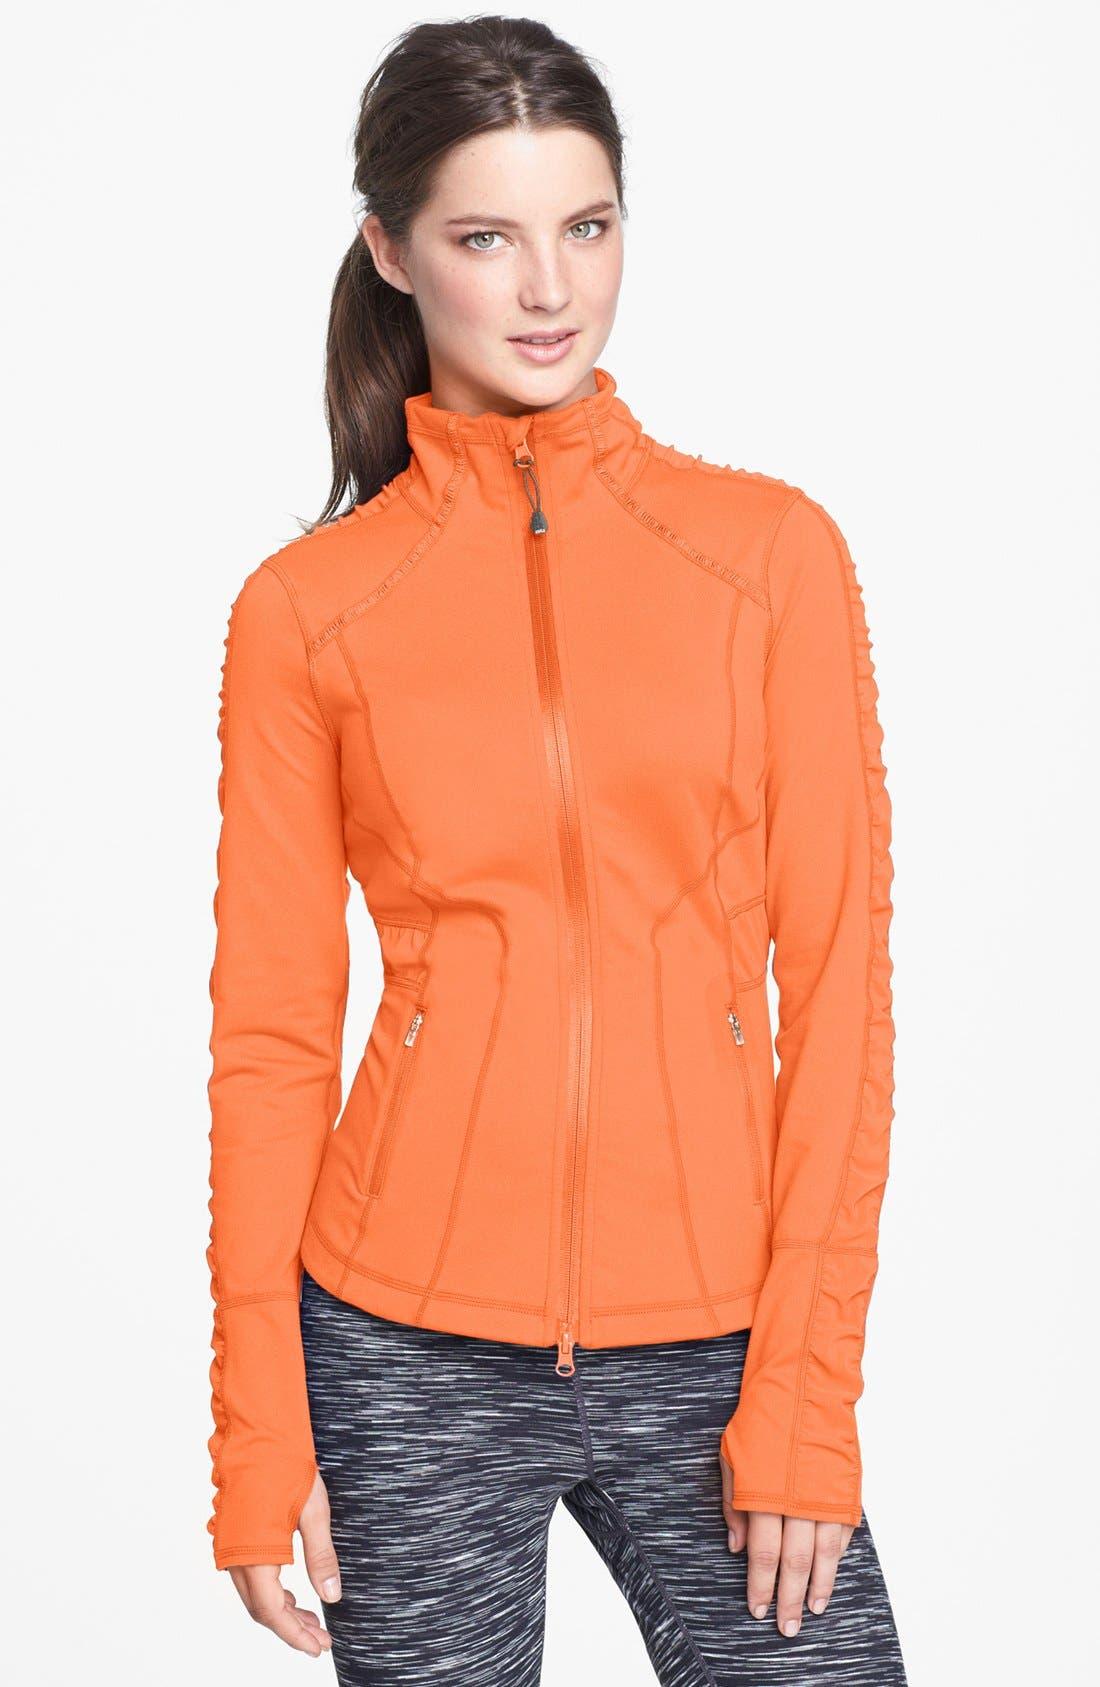 Alternate Image 1 Selected - Zella 'Prism' Jacket